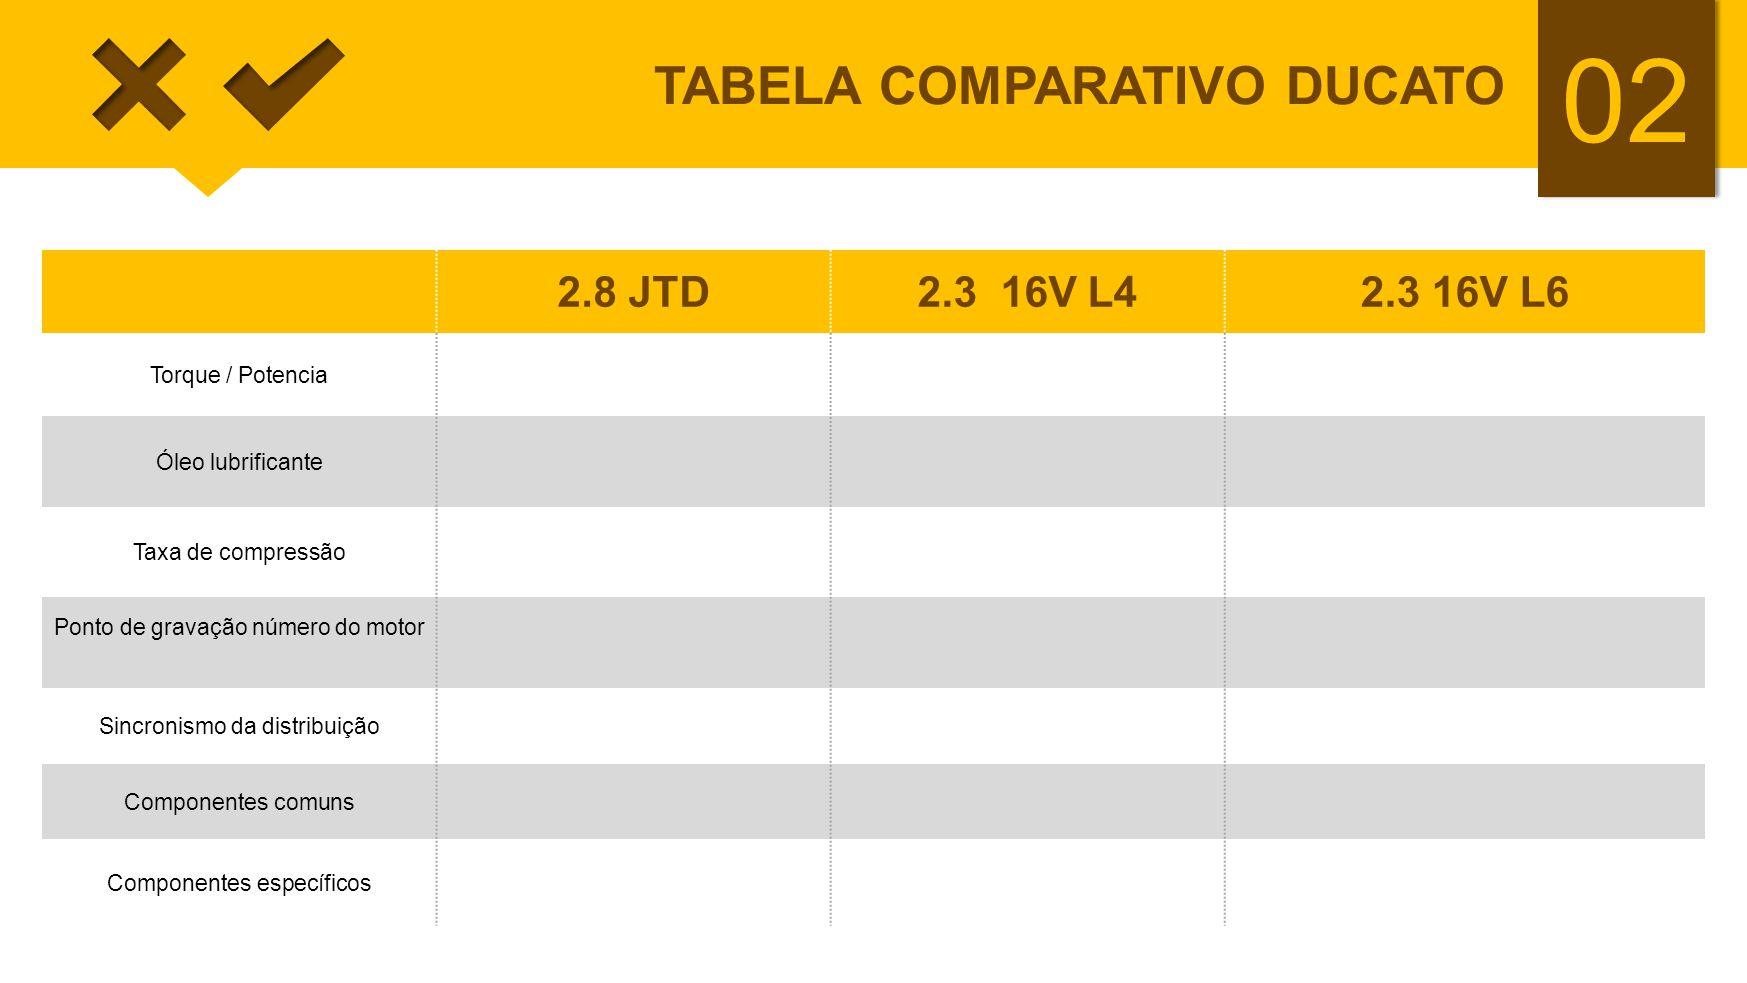 02 TABELA COMPARATIVO DUCATO 2.8 JTD2.3 16V L42.3 16V L6 Torque / Potencia Óleo lubrificante Taxa de compressão Ponto de gravação número do motor Sinc